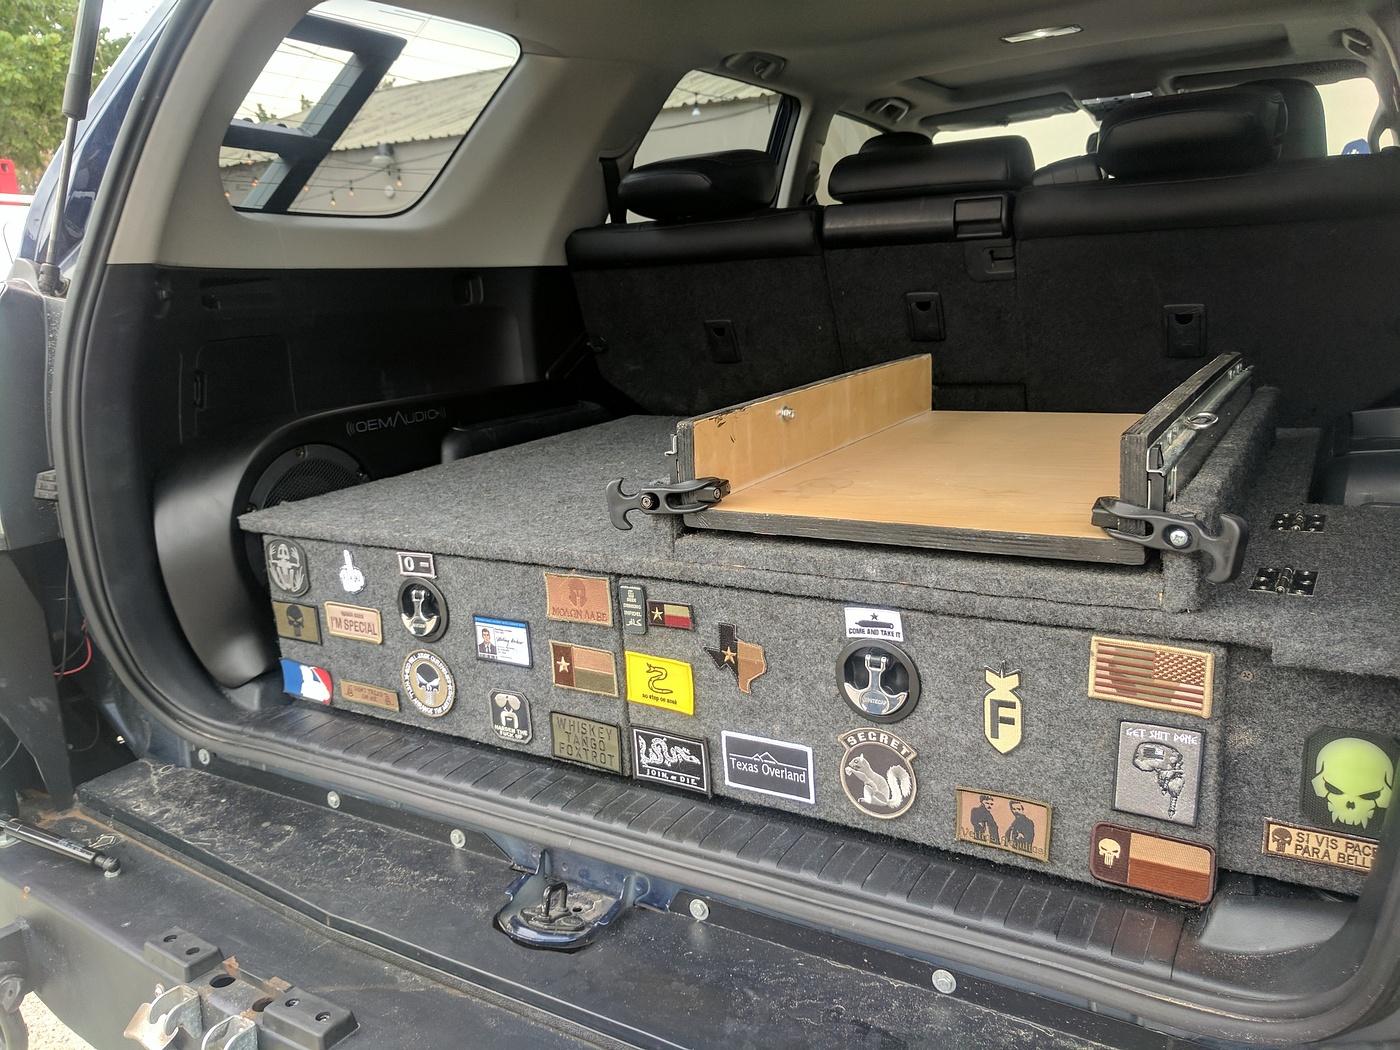 Oem Audio 5th Gen 4runner Toyota Forum Navigation Wiring Info Largest